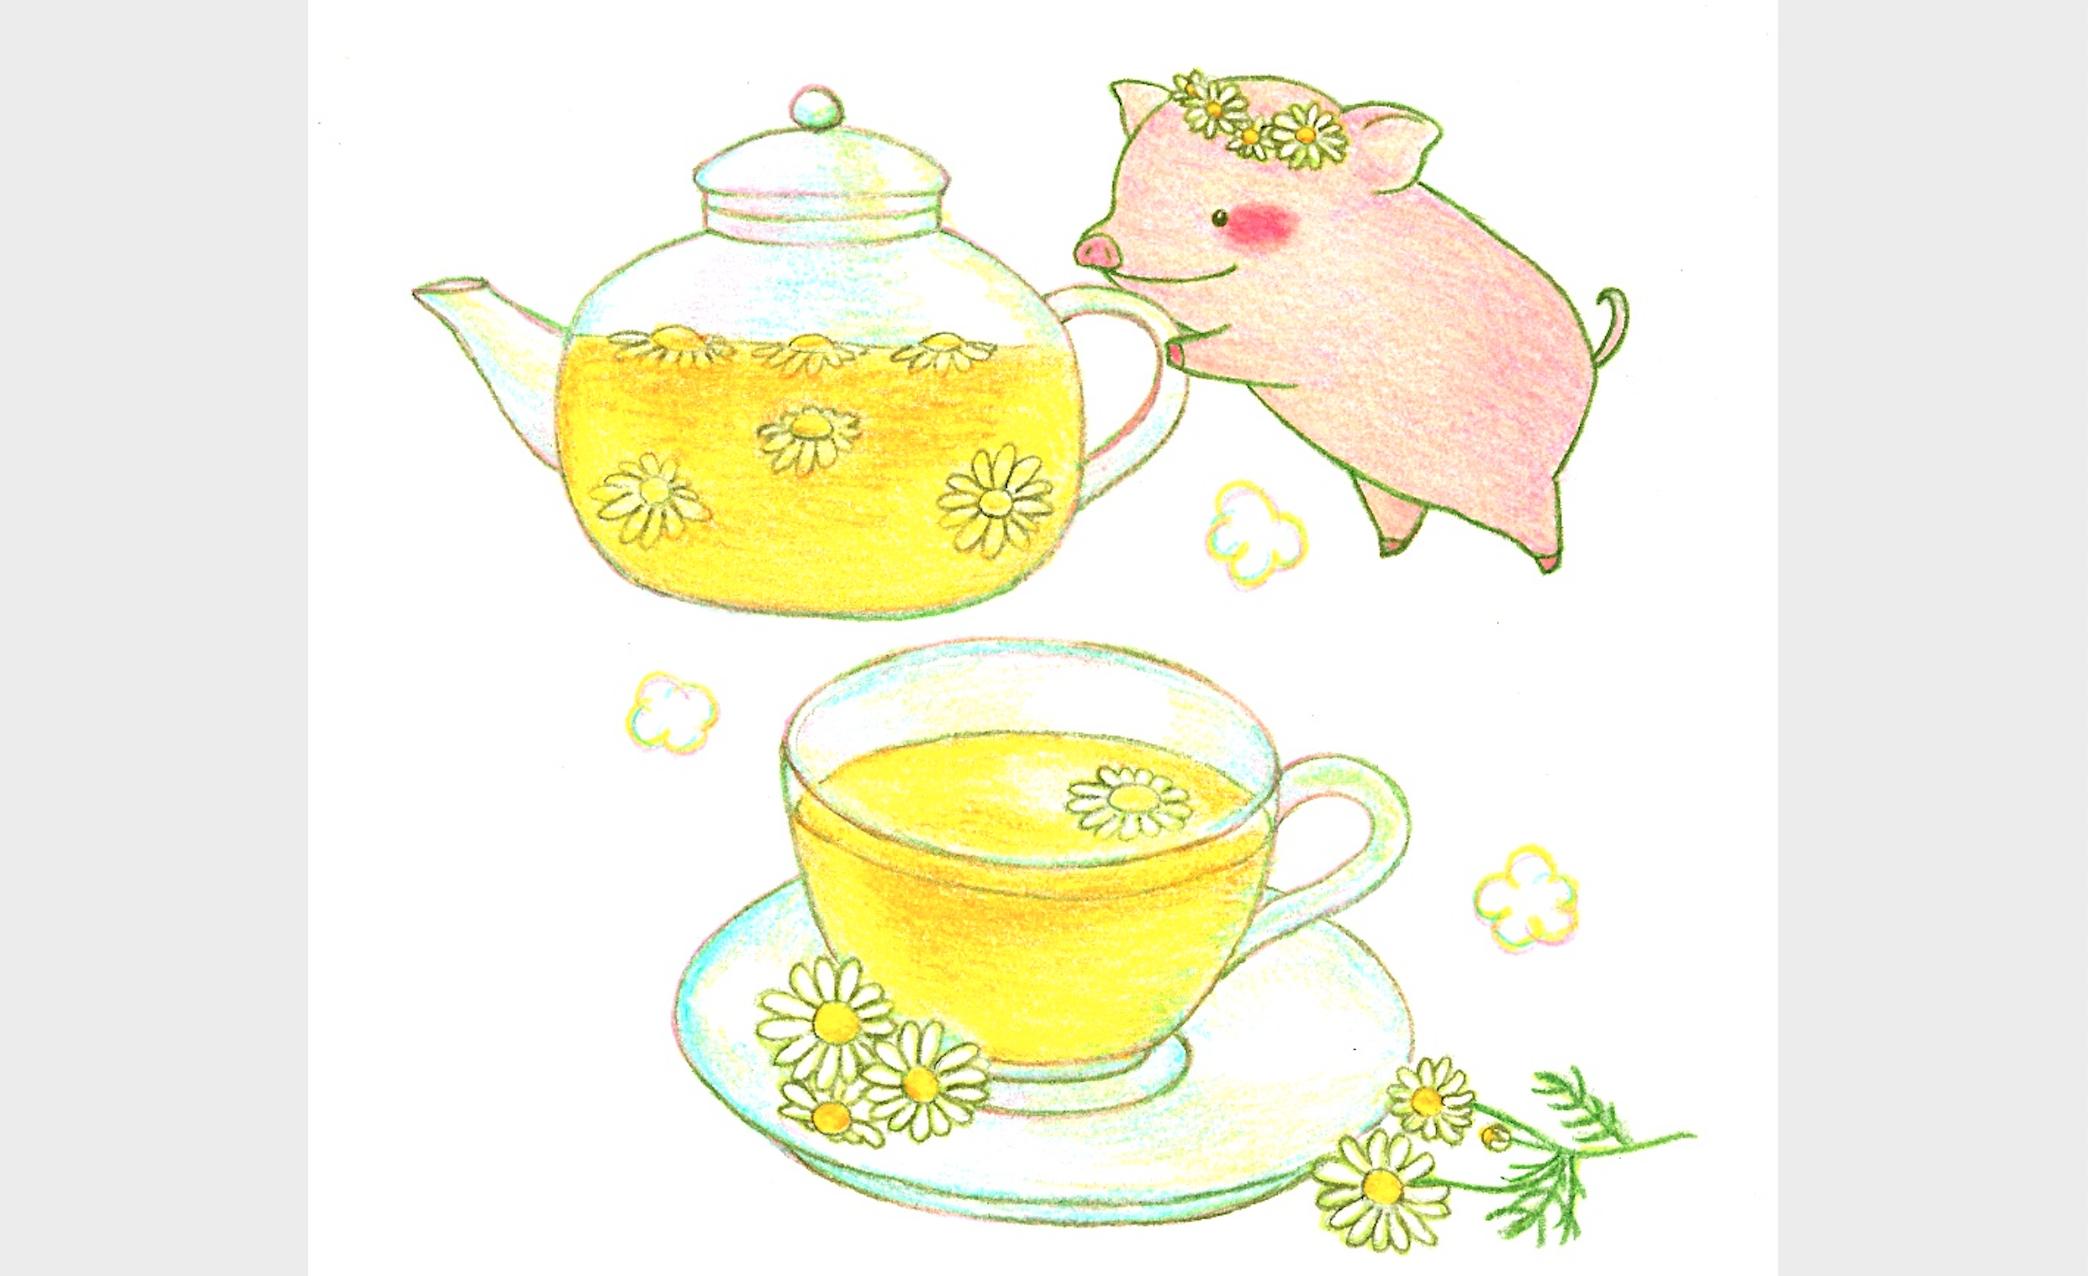 皆川竜二のマイクロブタと触れあえるカフェ「mipig café」に行きたい!